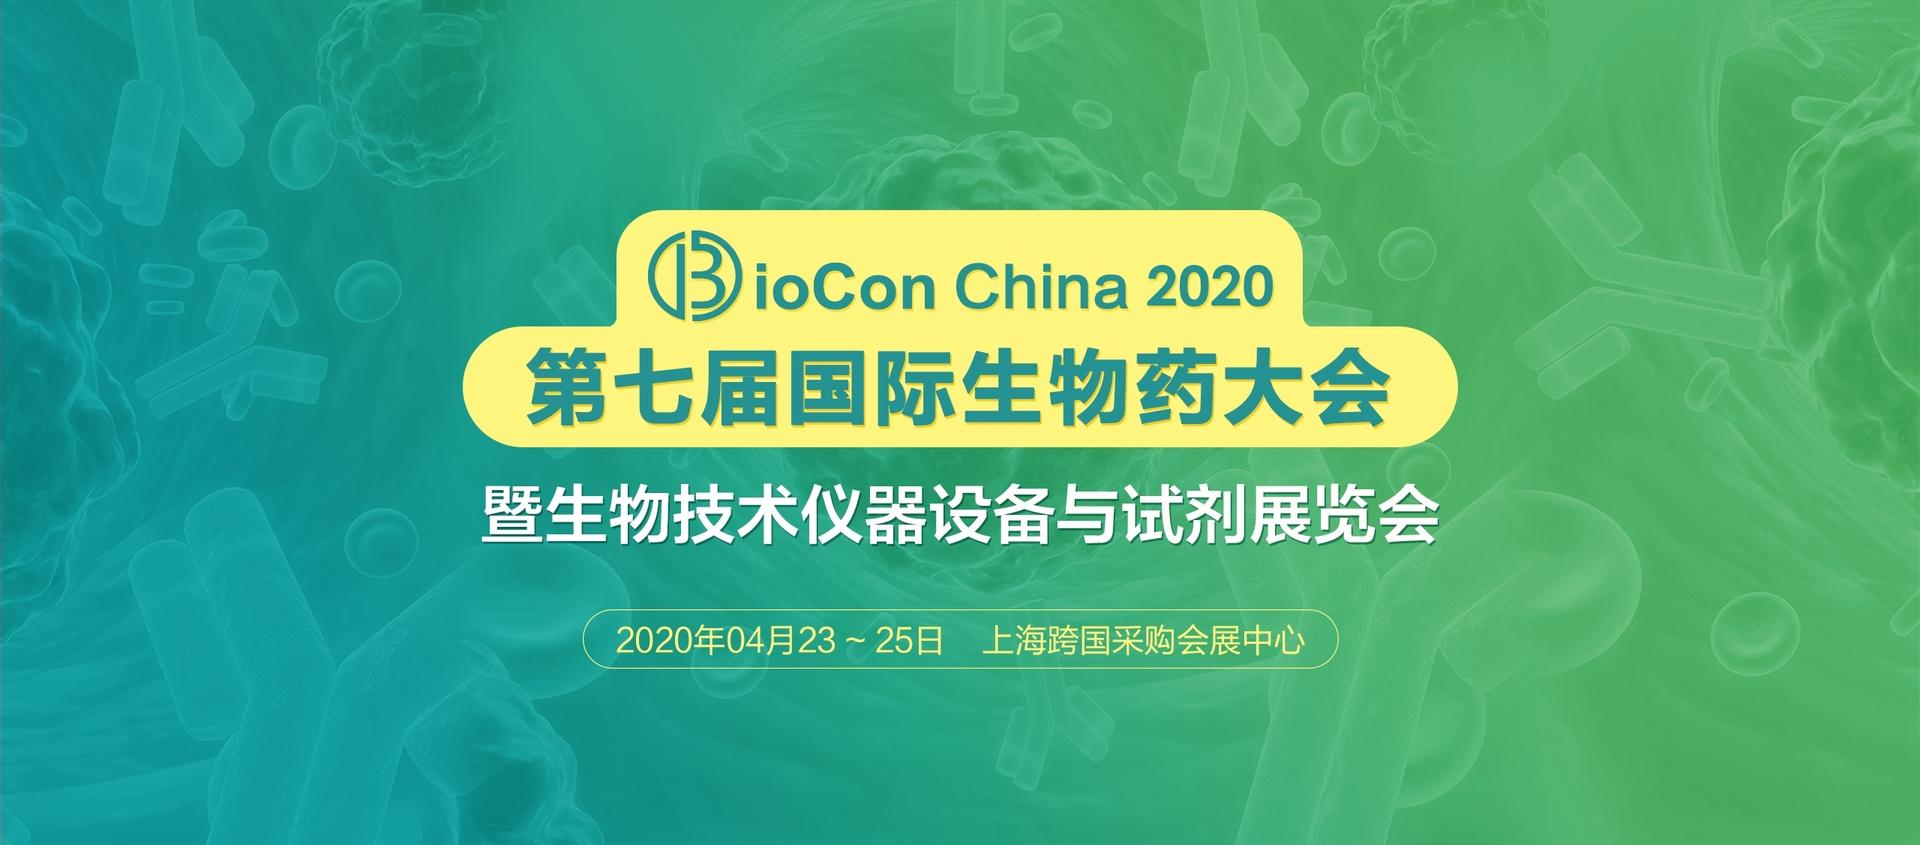 BioCon China 2020 第七届国际生物药大会暨生物技术仪器设备与试剂展览会